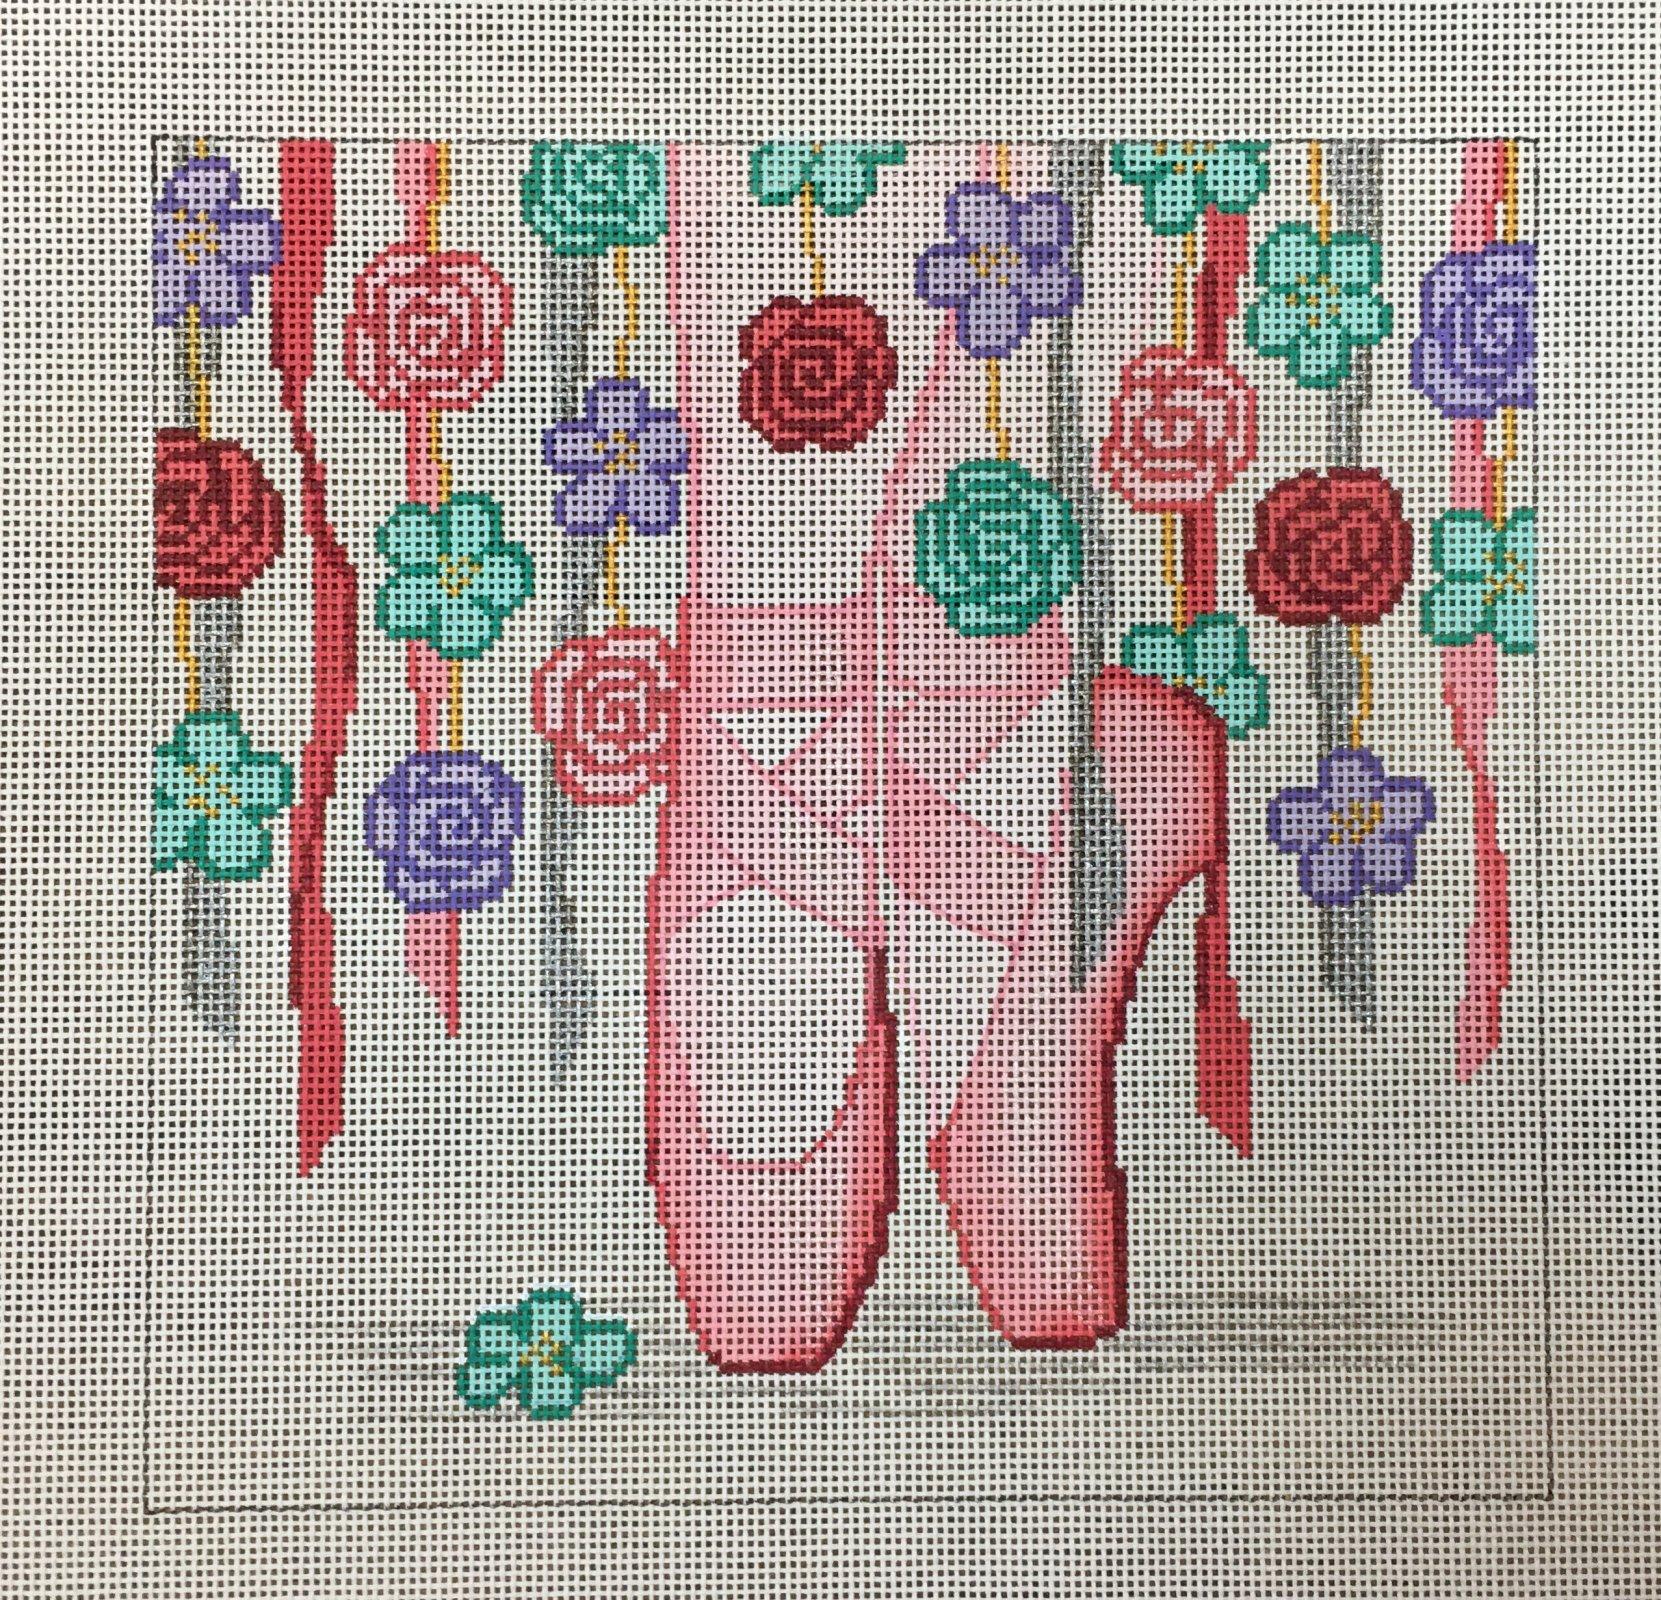 Ballet Slippers & Flowers